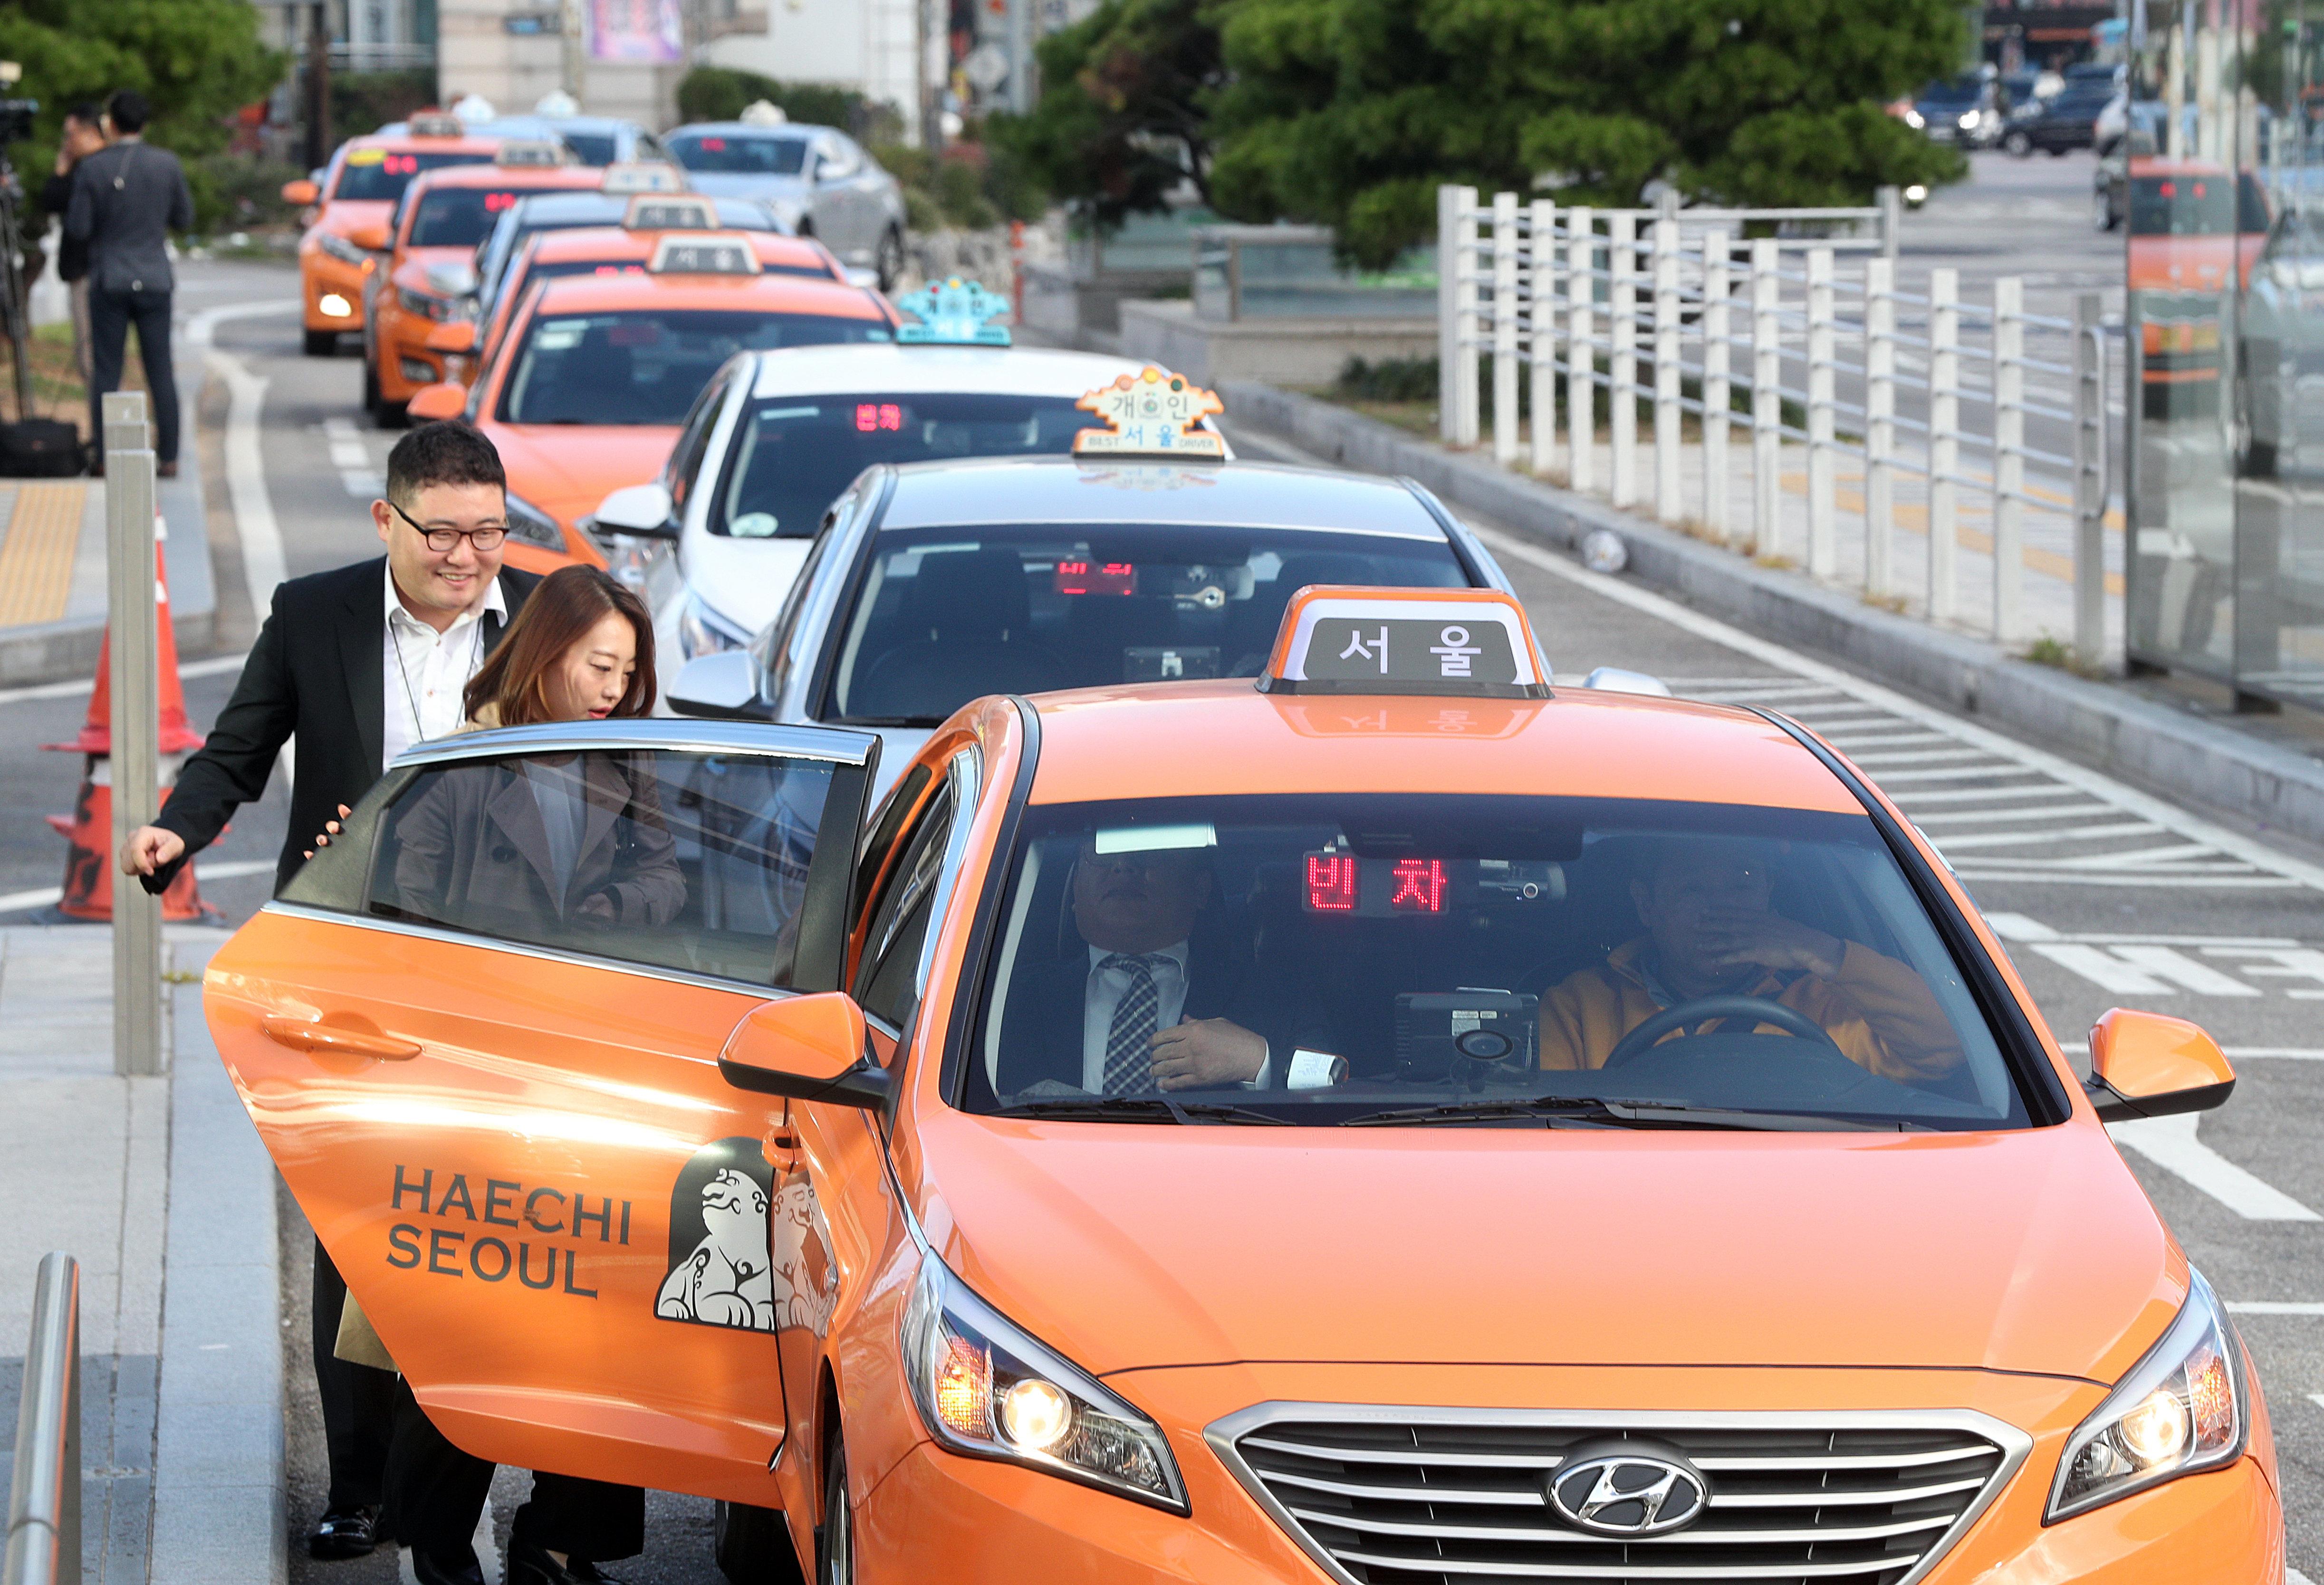 이태원, 강남, 홍대에서 택시 잘잡히는